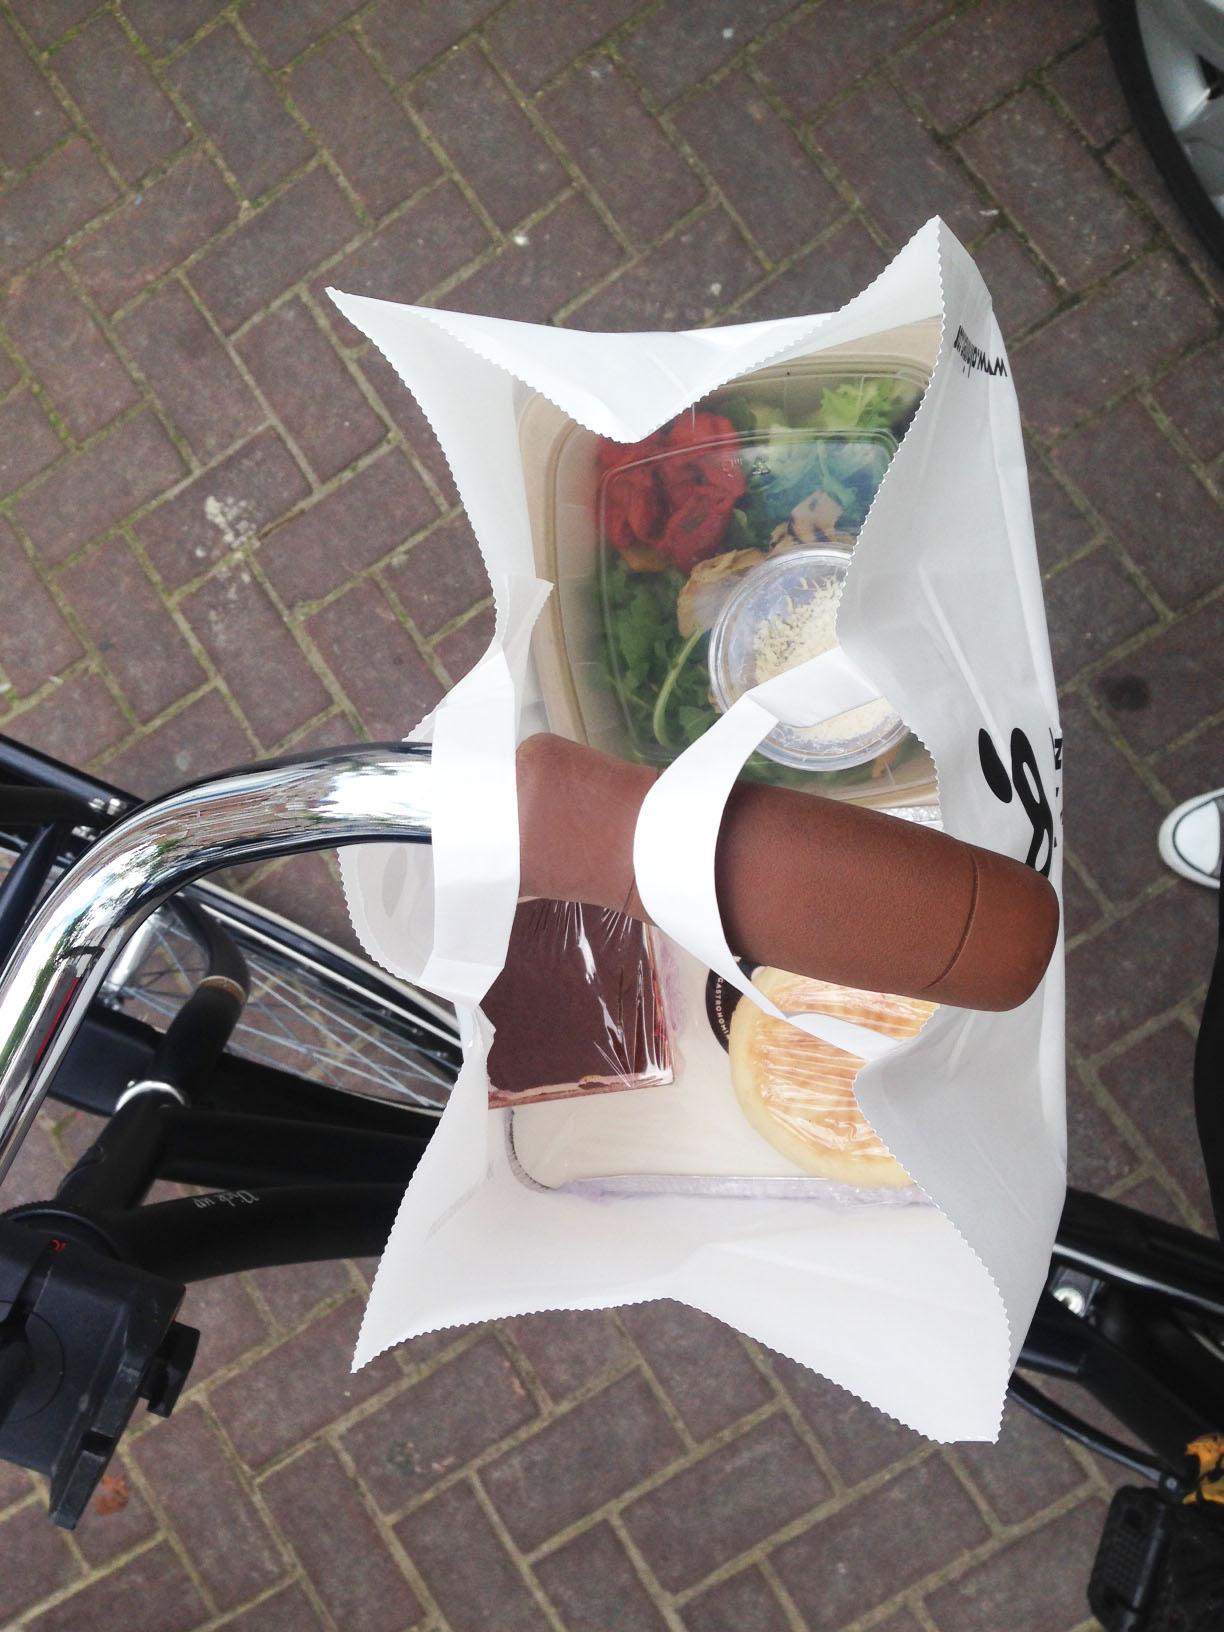 Al Ninen - Daily Cappuccino - Lifestyle Blog